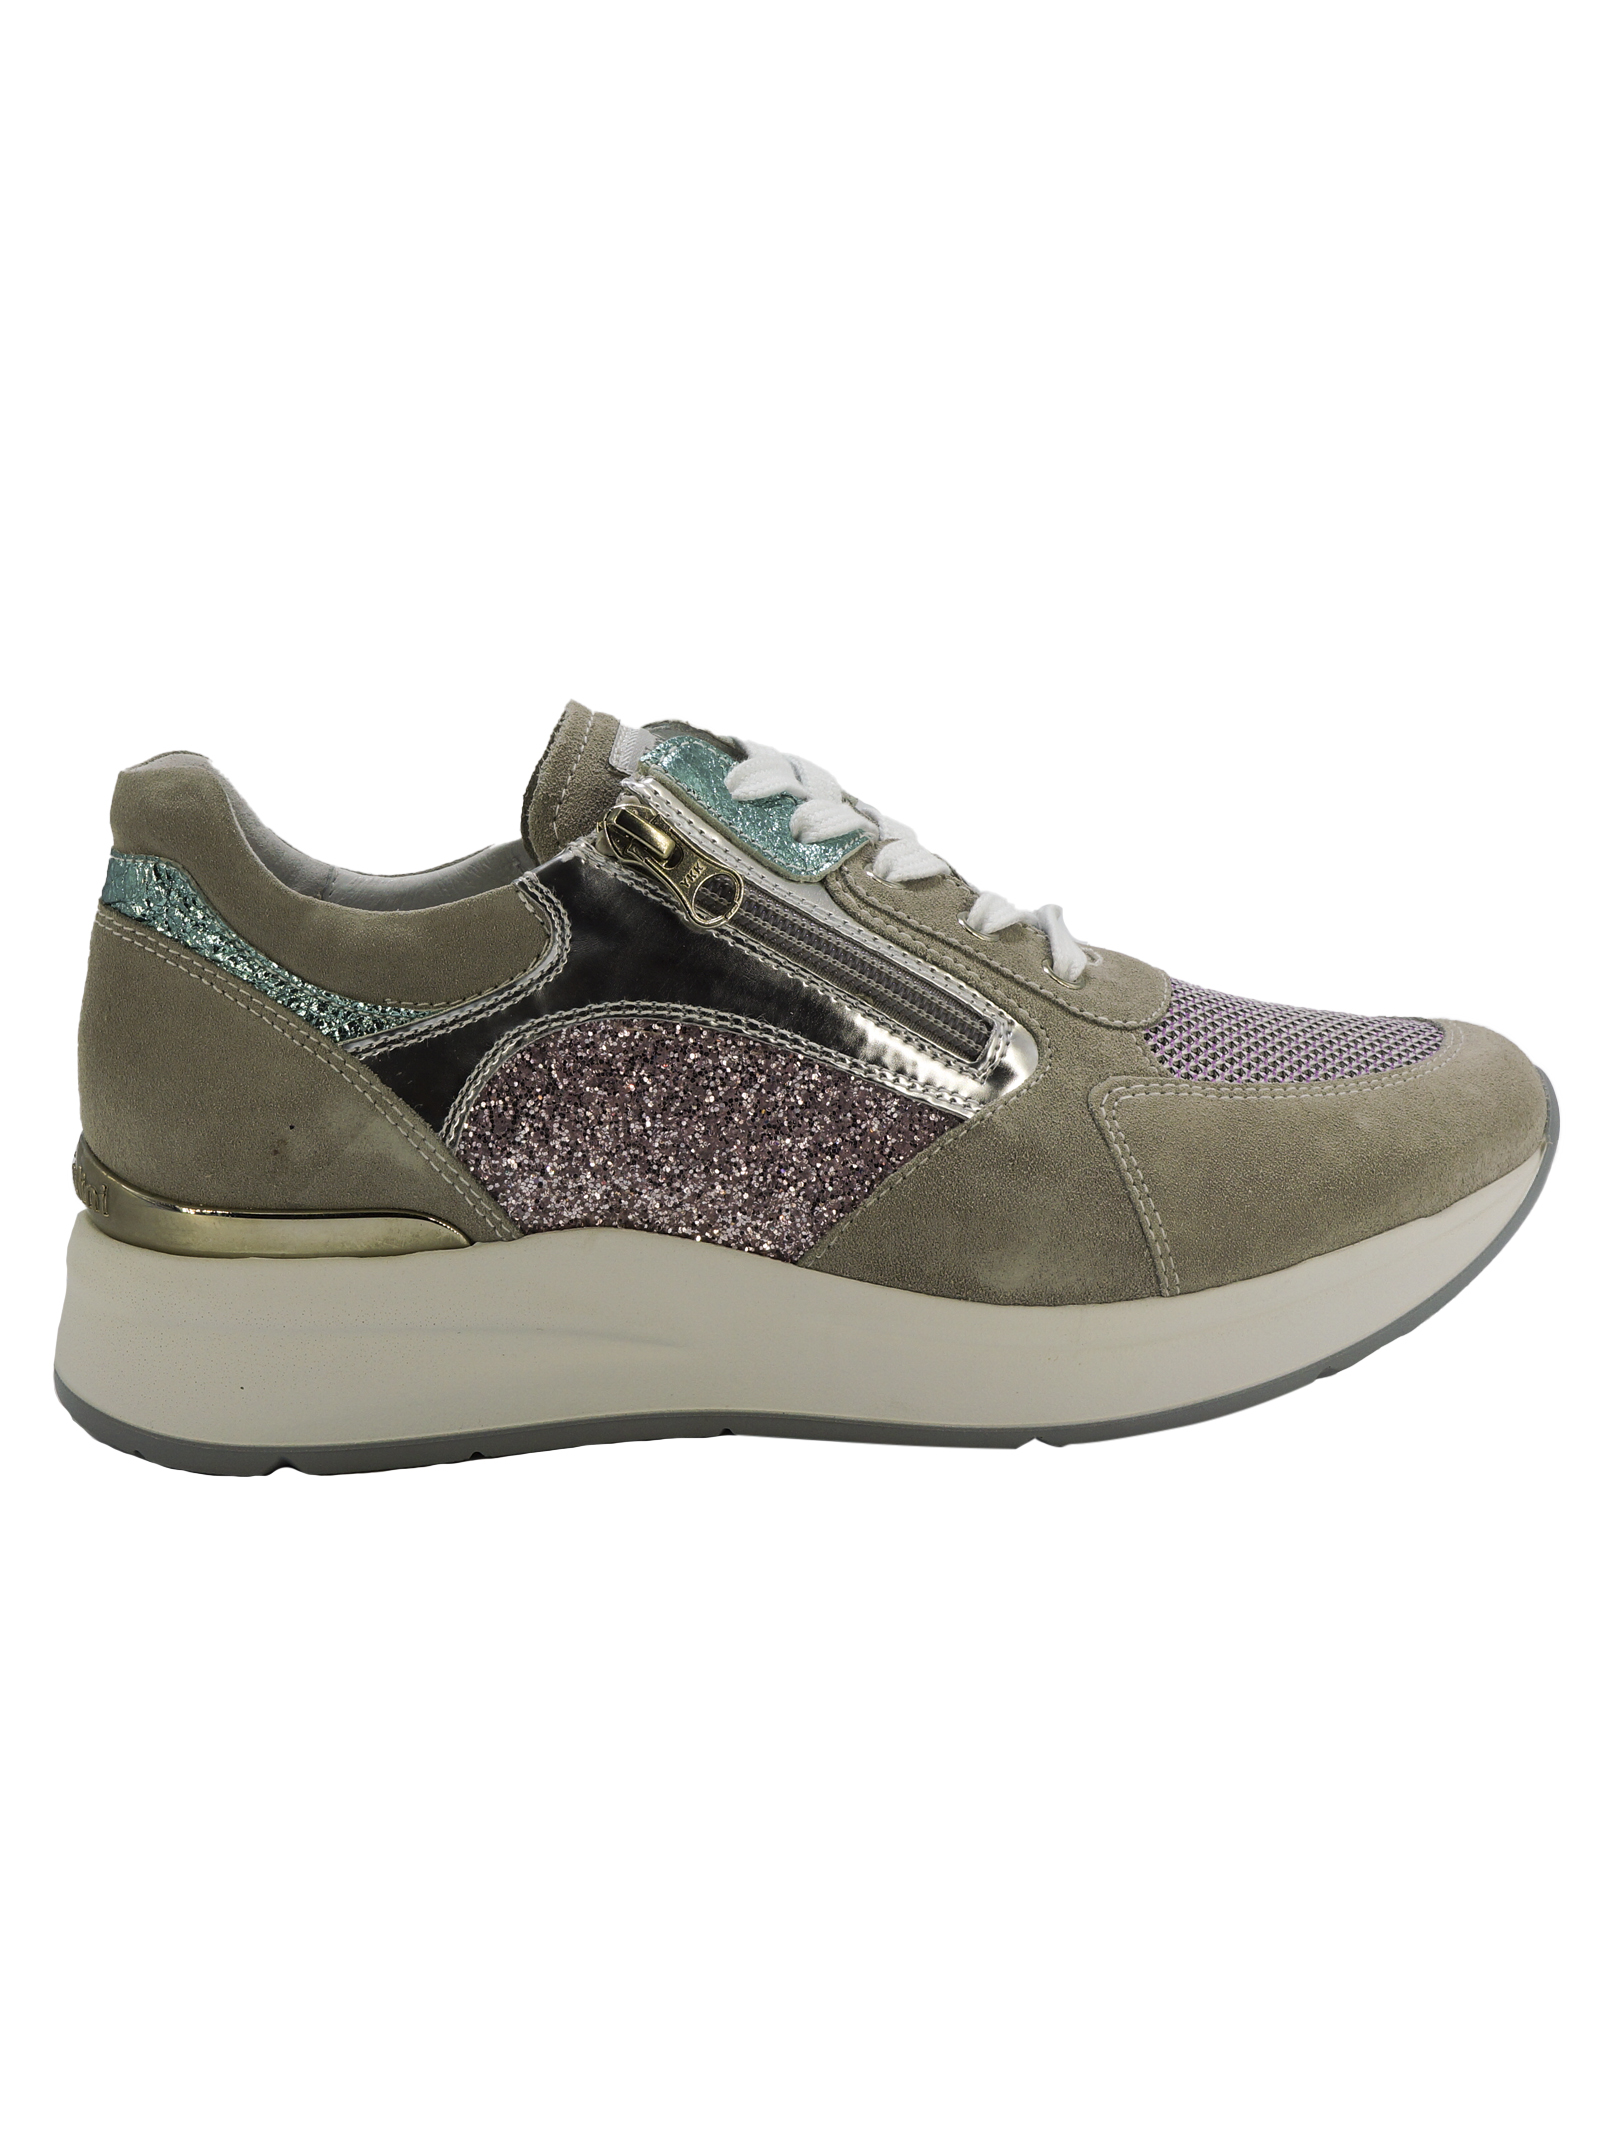 Sneakers Donna in Pelle Nero Giardini Nero Giardini | Sneakers | E010500D112